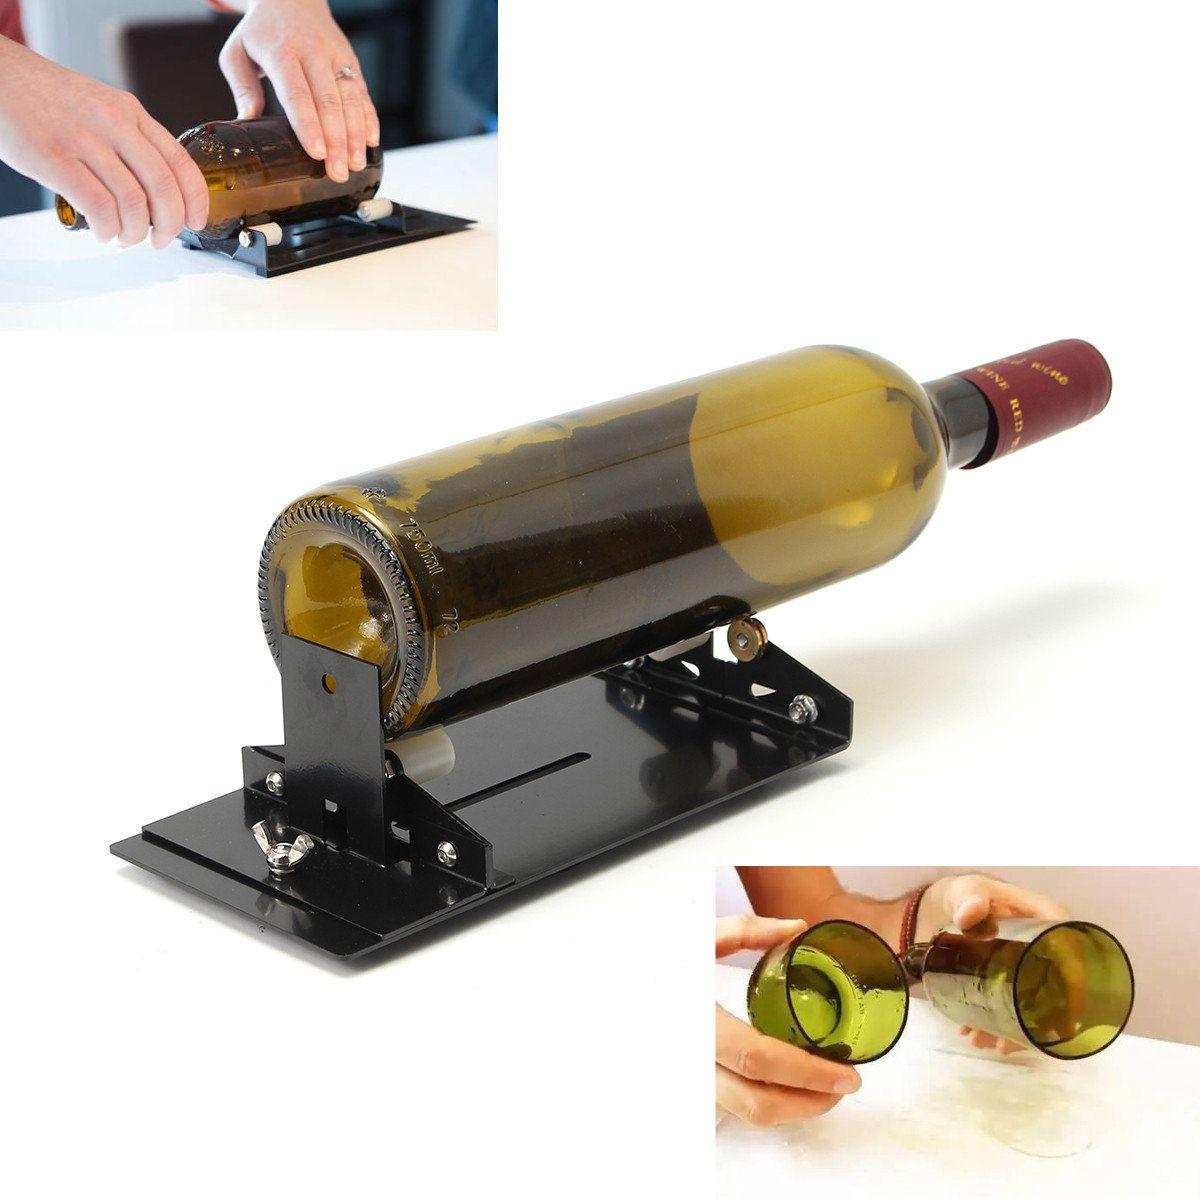 Machine couper les bouteilles de verre sale banggood mobile bricolage bouteille coupe - Machine a couper le verre ...